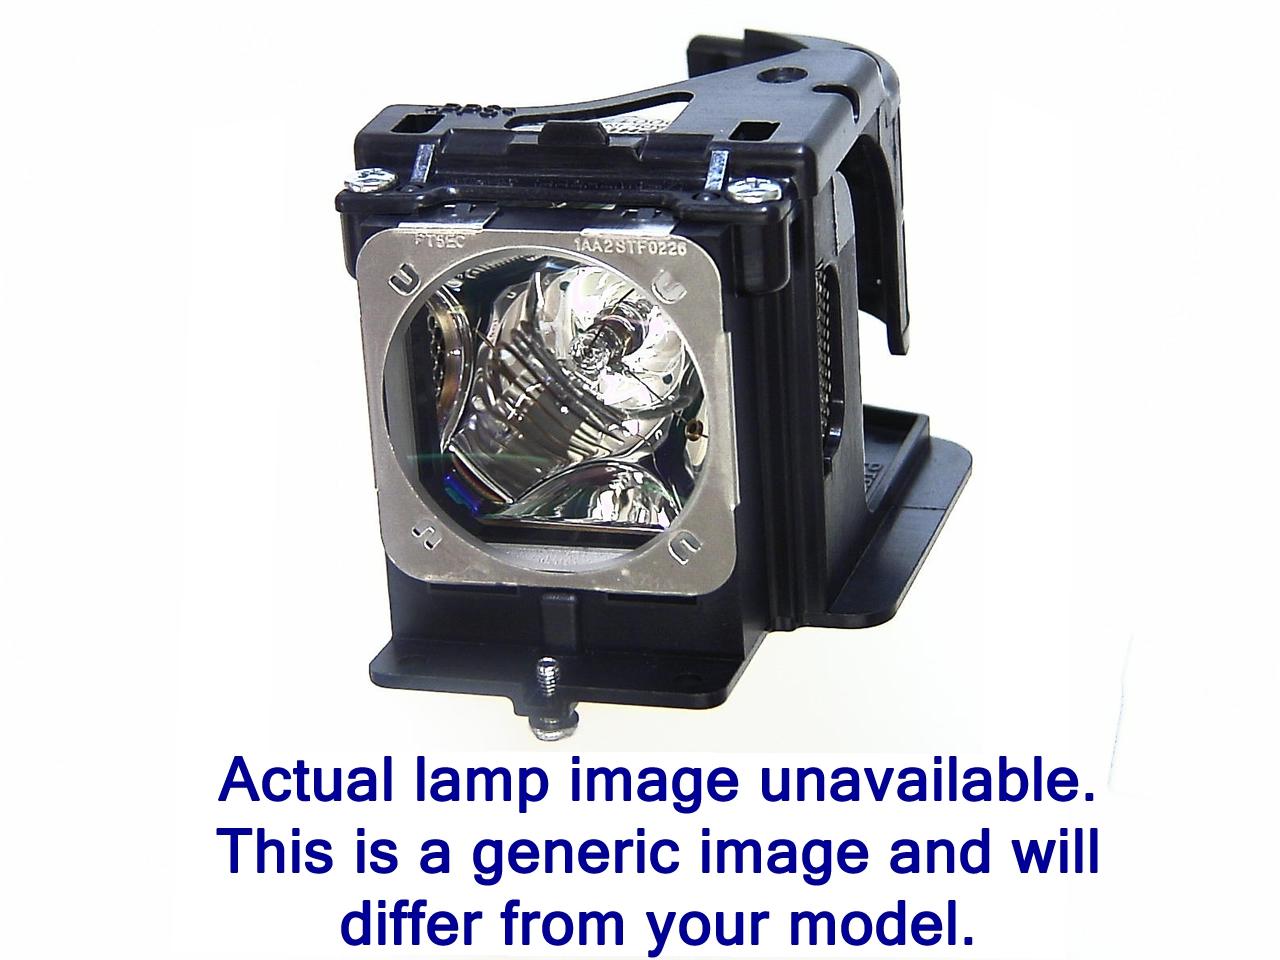 Lámpara SIM2 HT300 XTRA (Philips bulb)